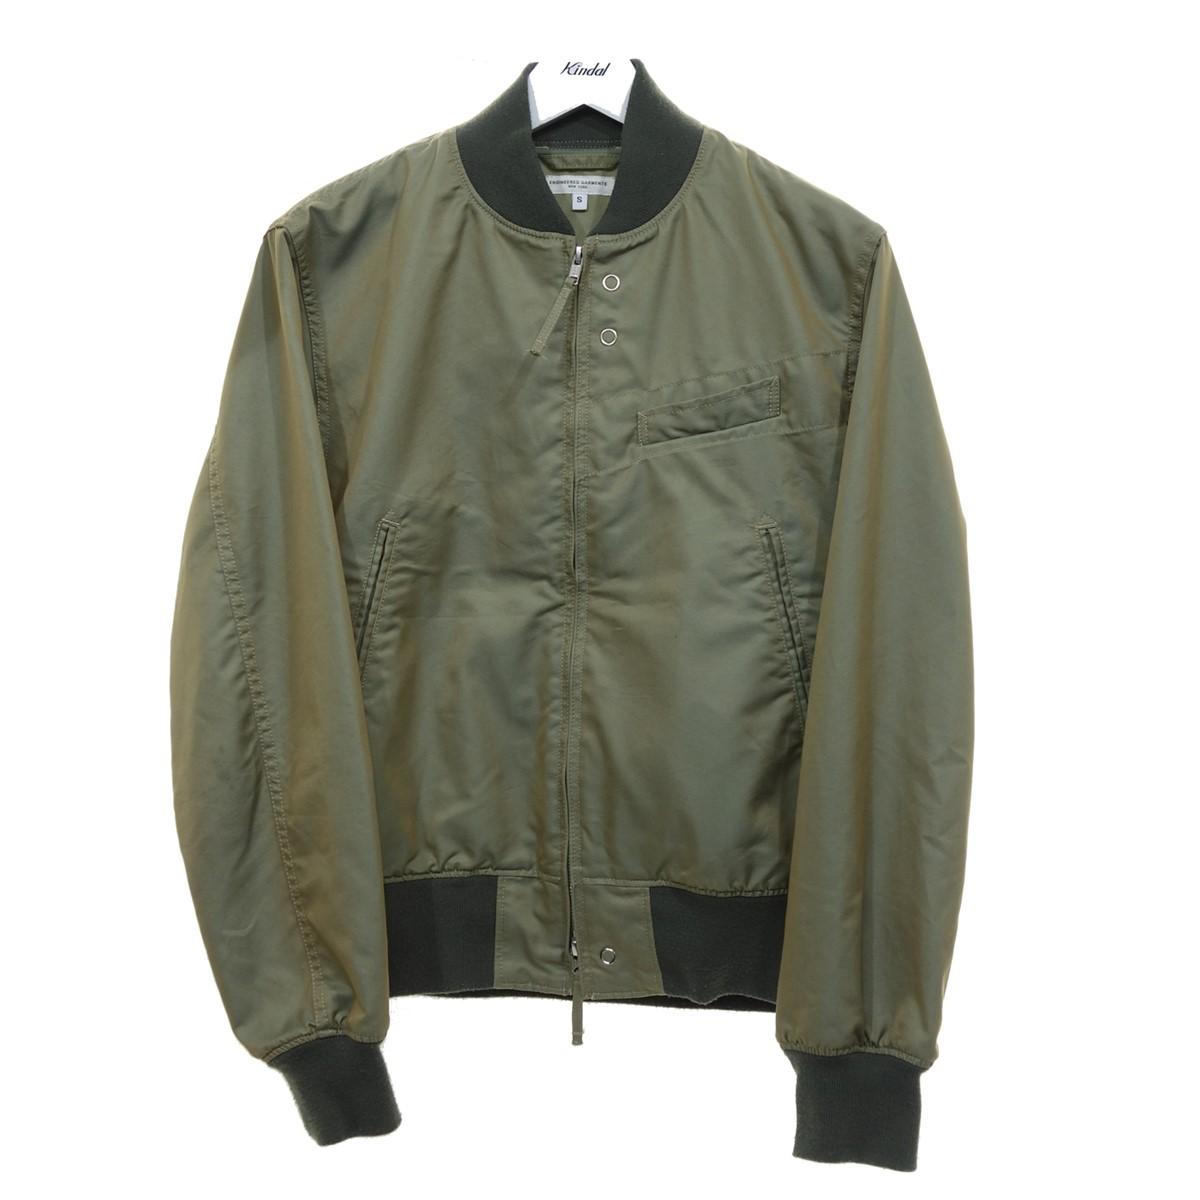 【中古】Engineered Garments Aviator Jacket Nyco Poplin ブルゾン カーキ サイズ:S 【250820】(エンジニアードガーメンツ)